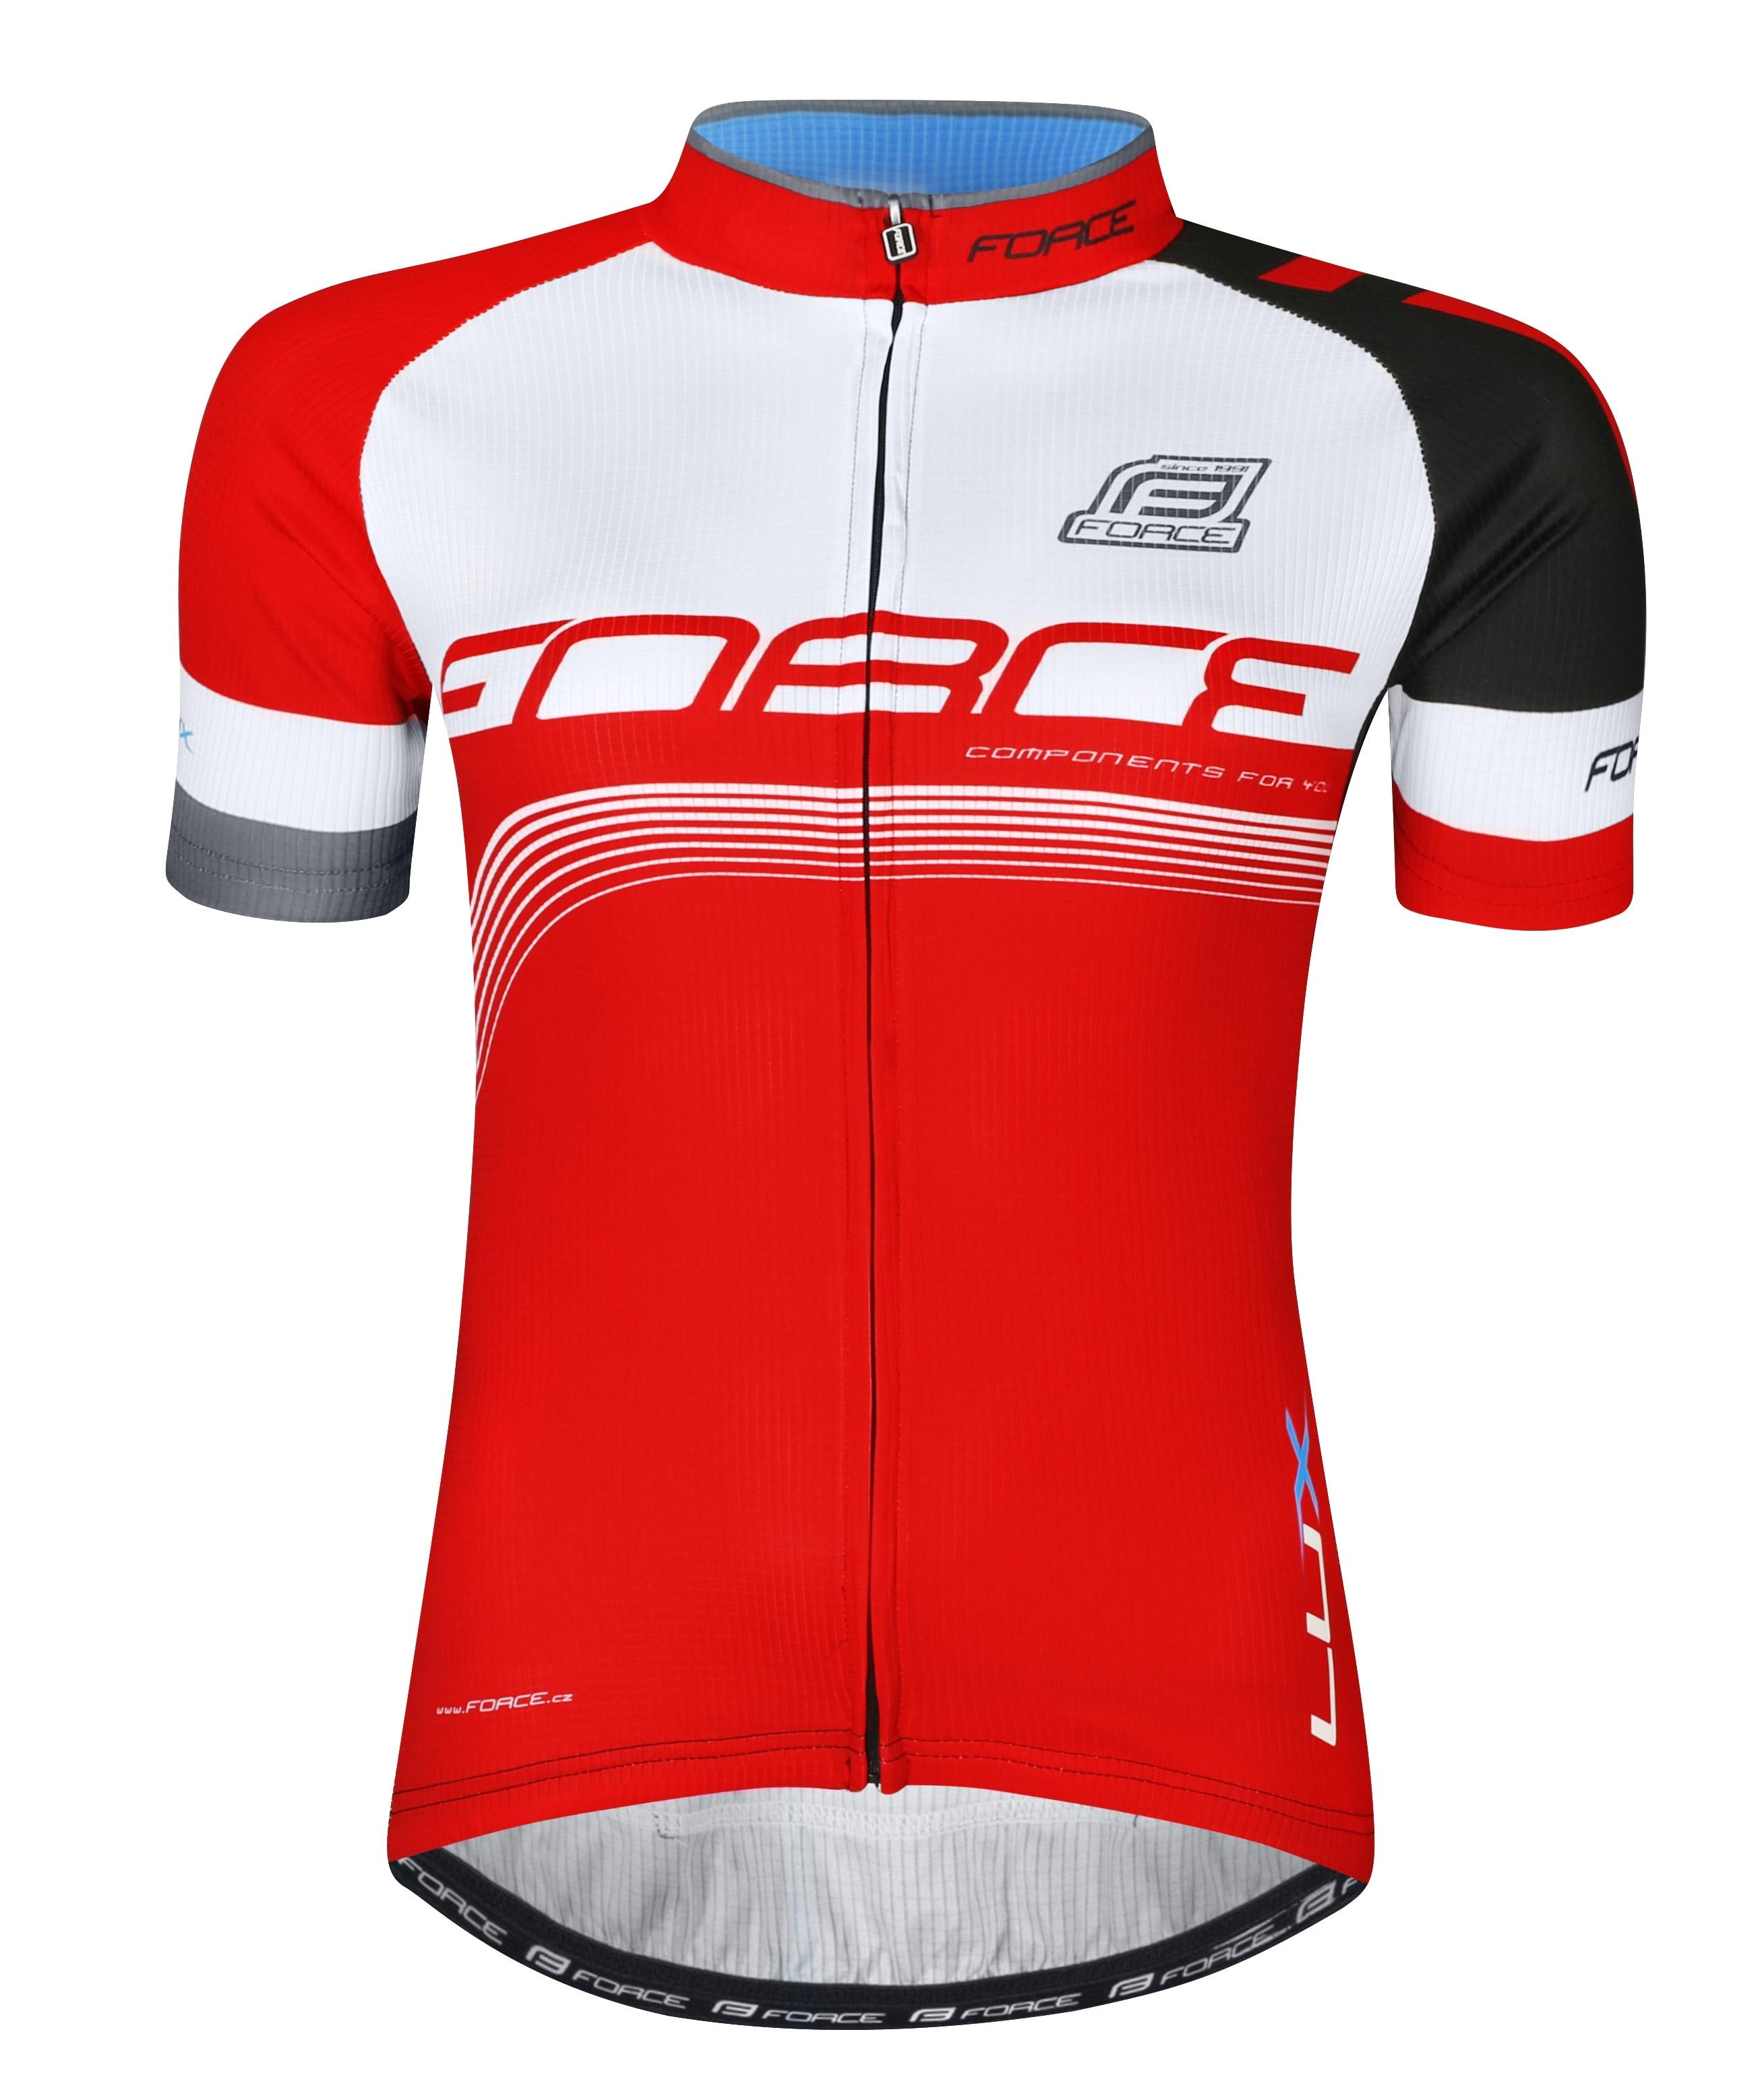 dres FORCE LUX krátký rukáv,červeno-černo-bílý S